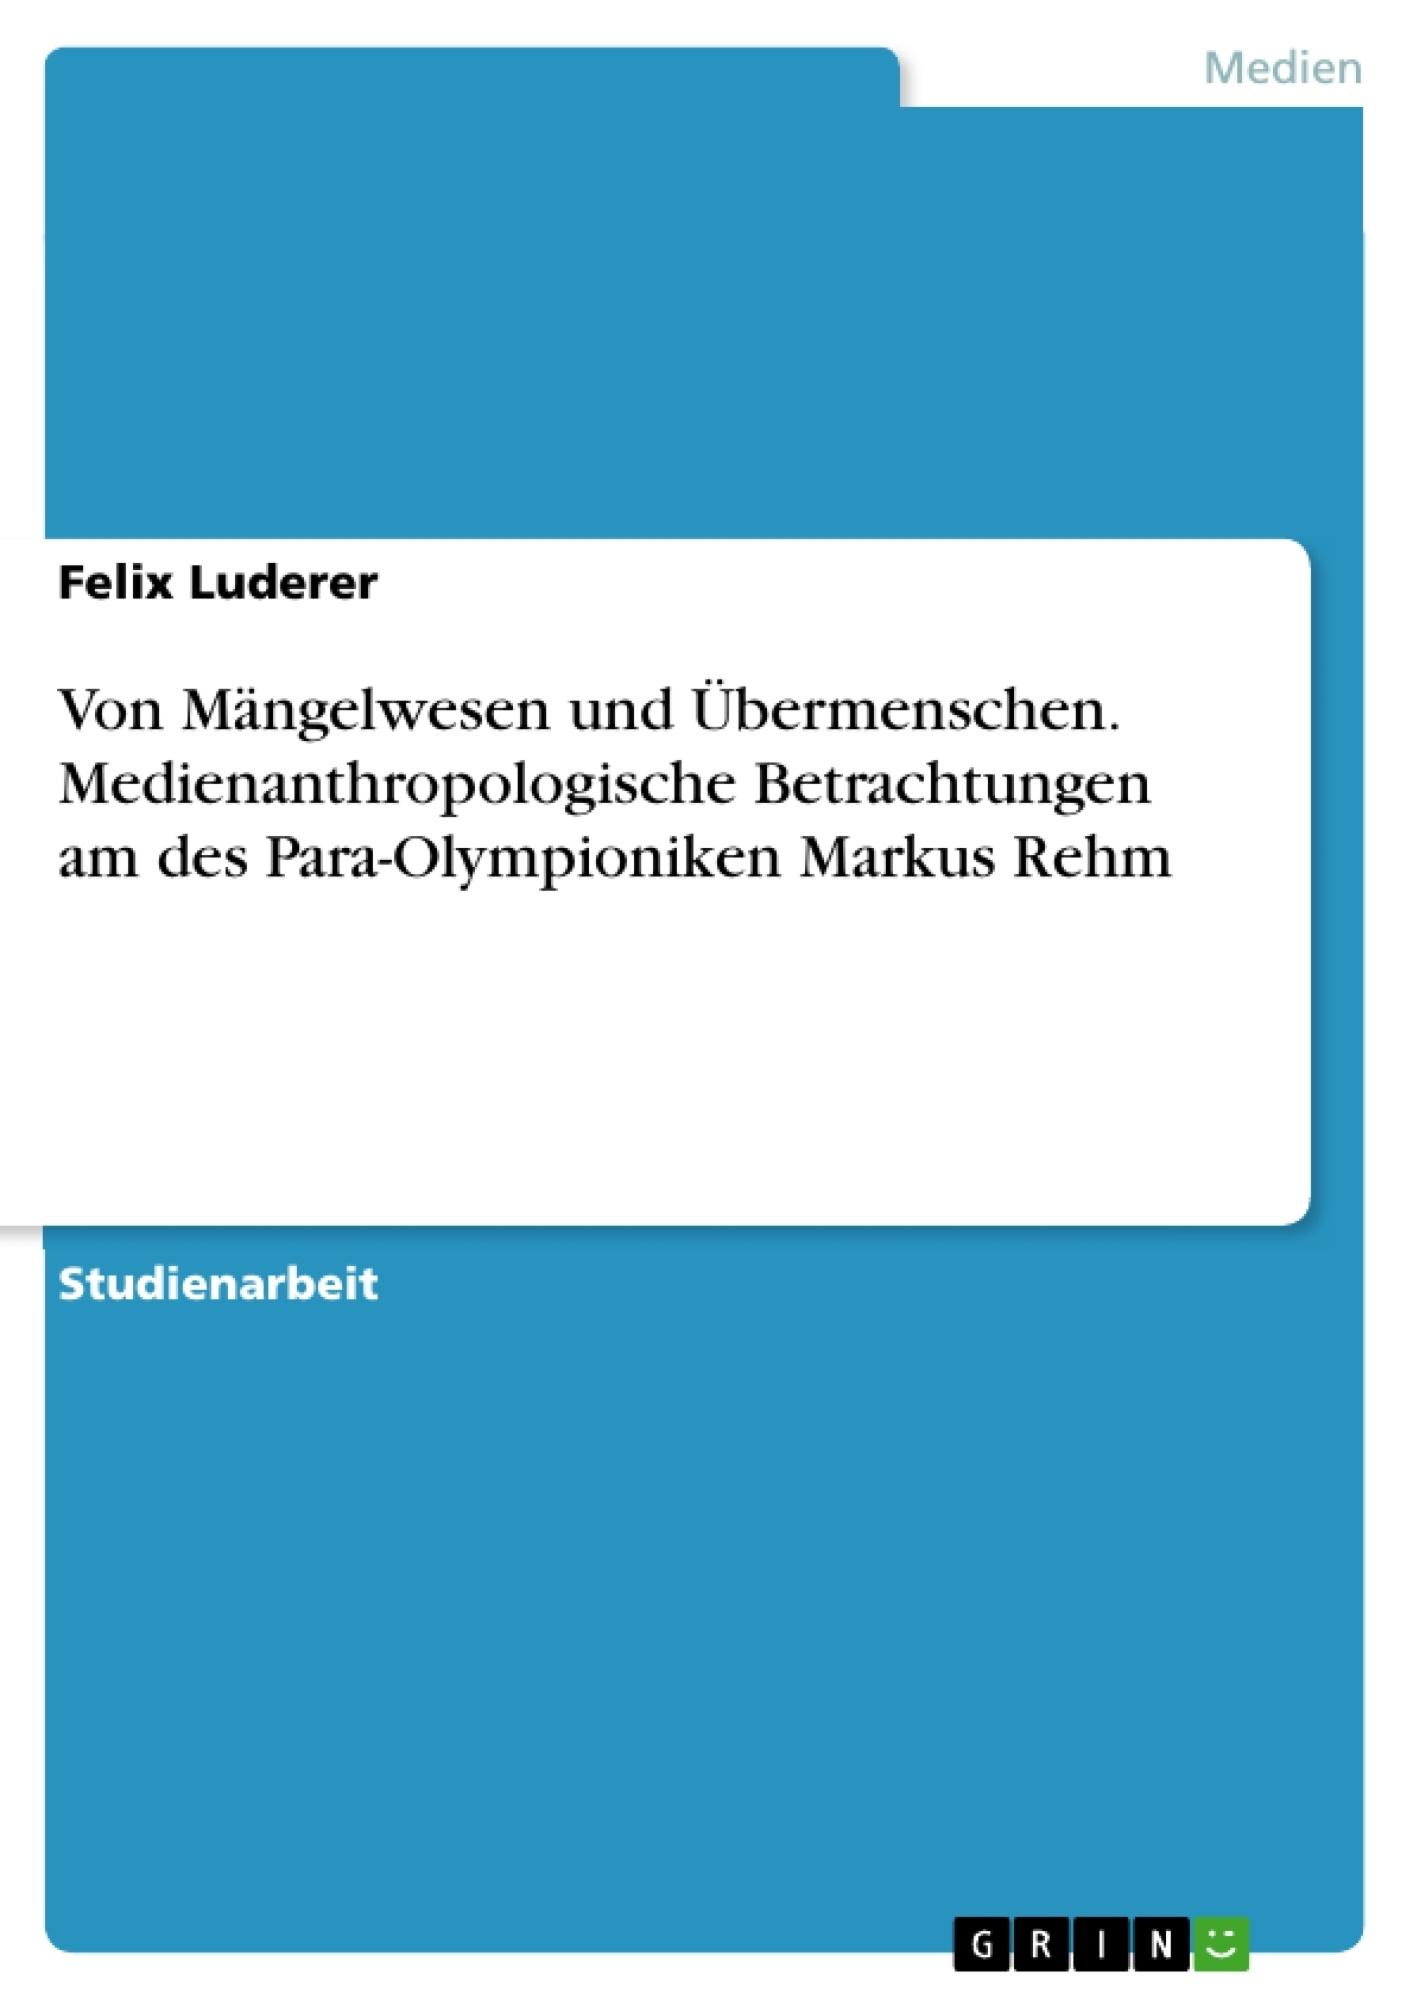 Titel: Von Mängelwesen und Übermenschen. Medienanthropologische Betrachtungen am des Para-Olympioniken Markus Rehm